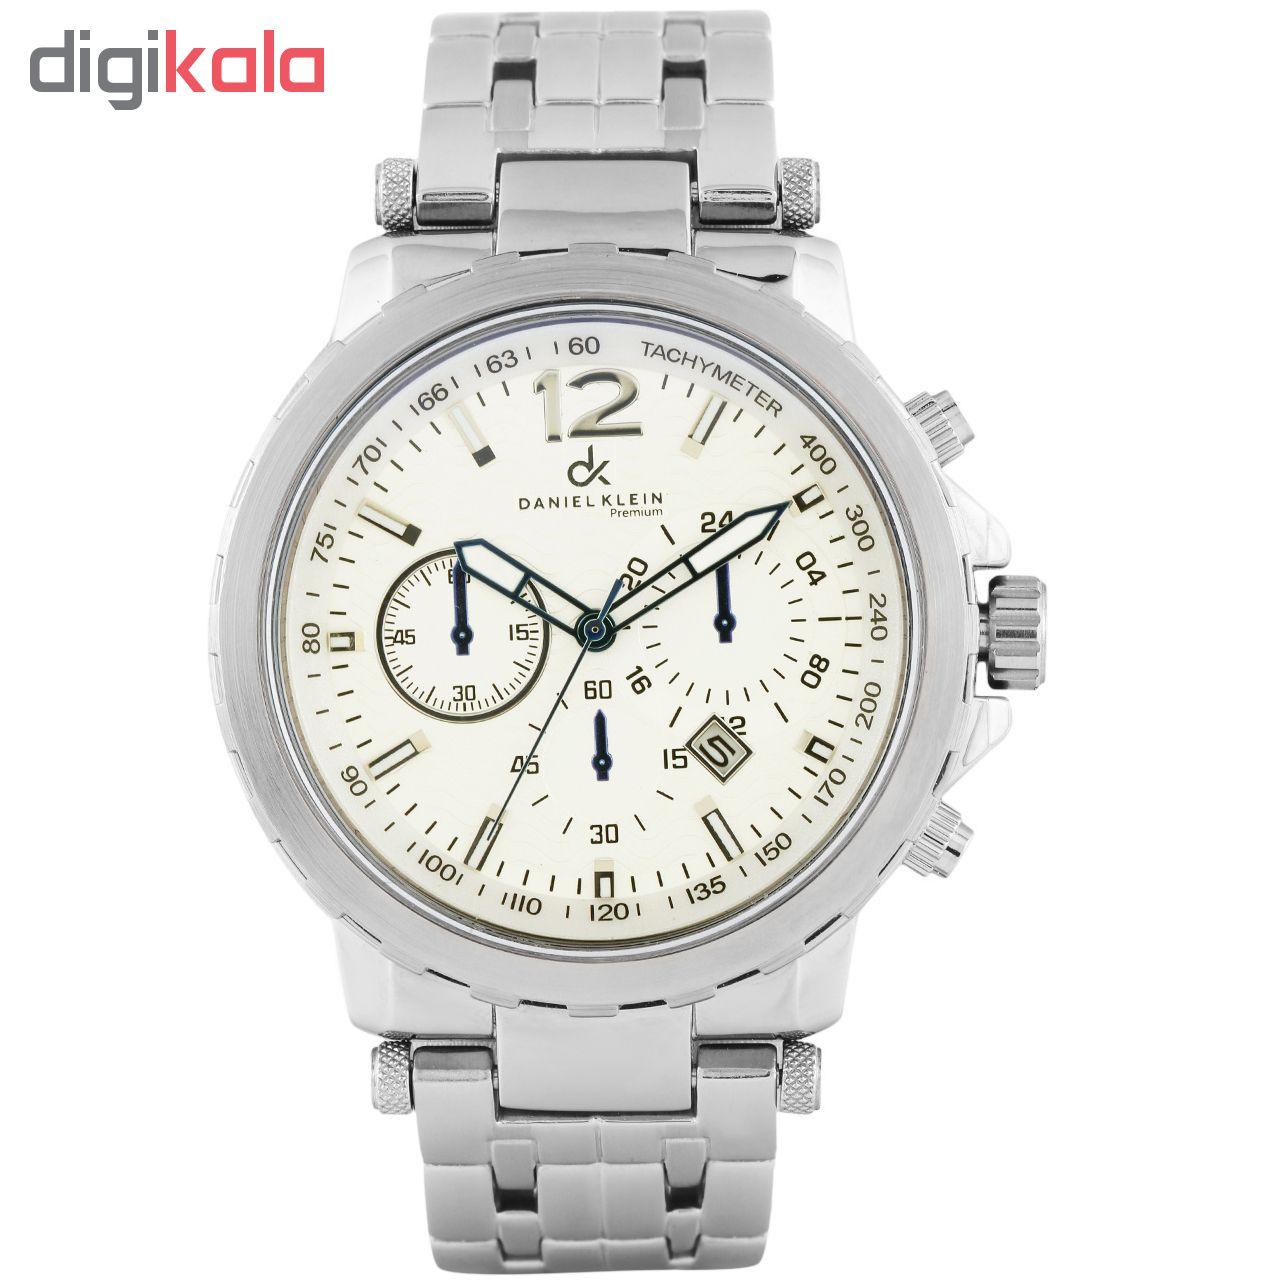 خرید ساعت مچی عقربه ای مردانه دنیل کلین مدل Premium DK10236-4